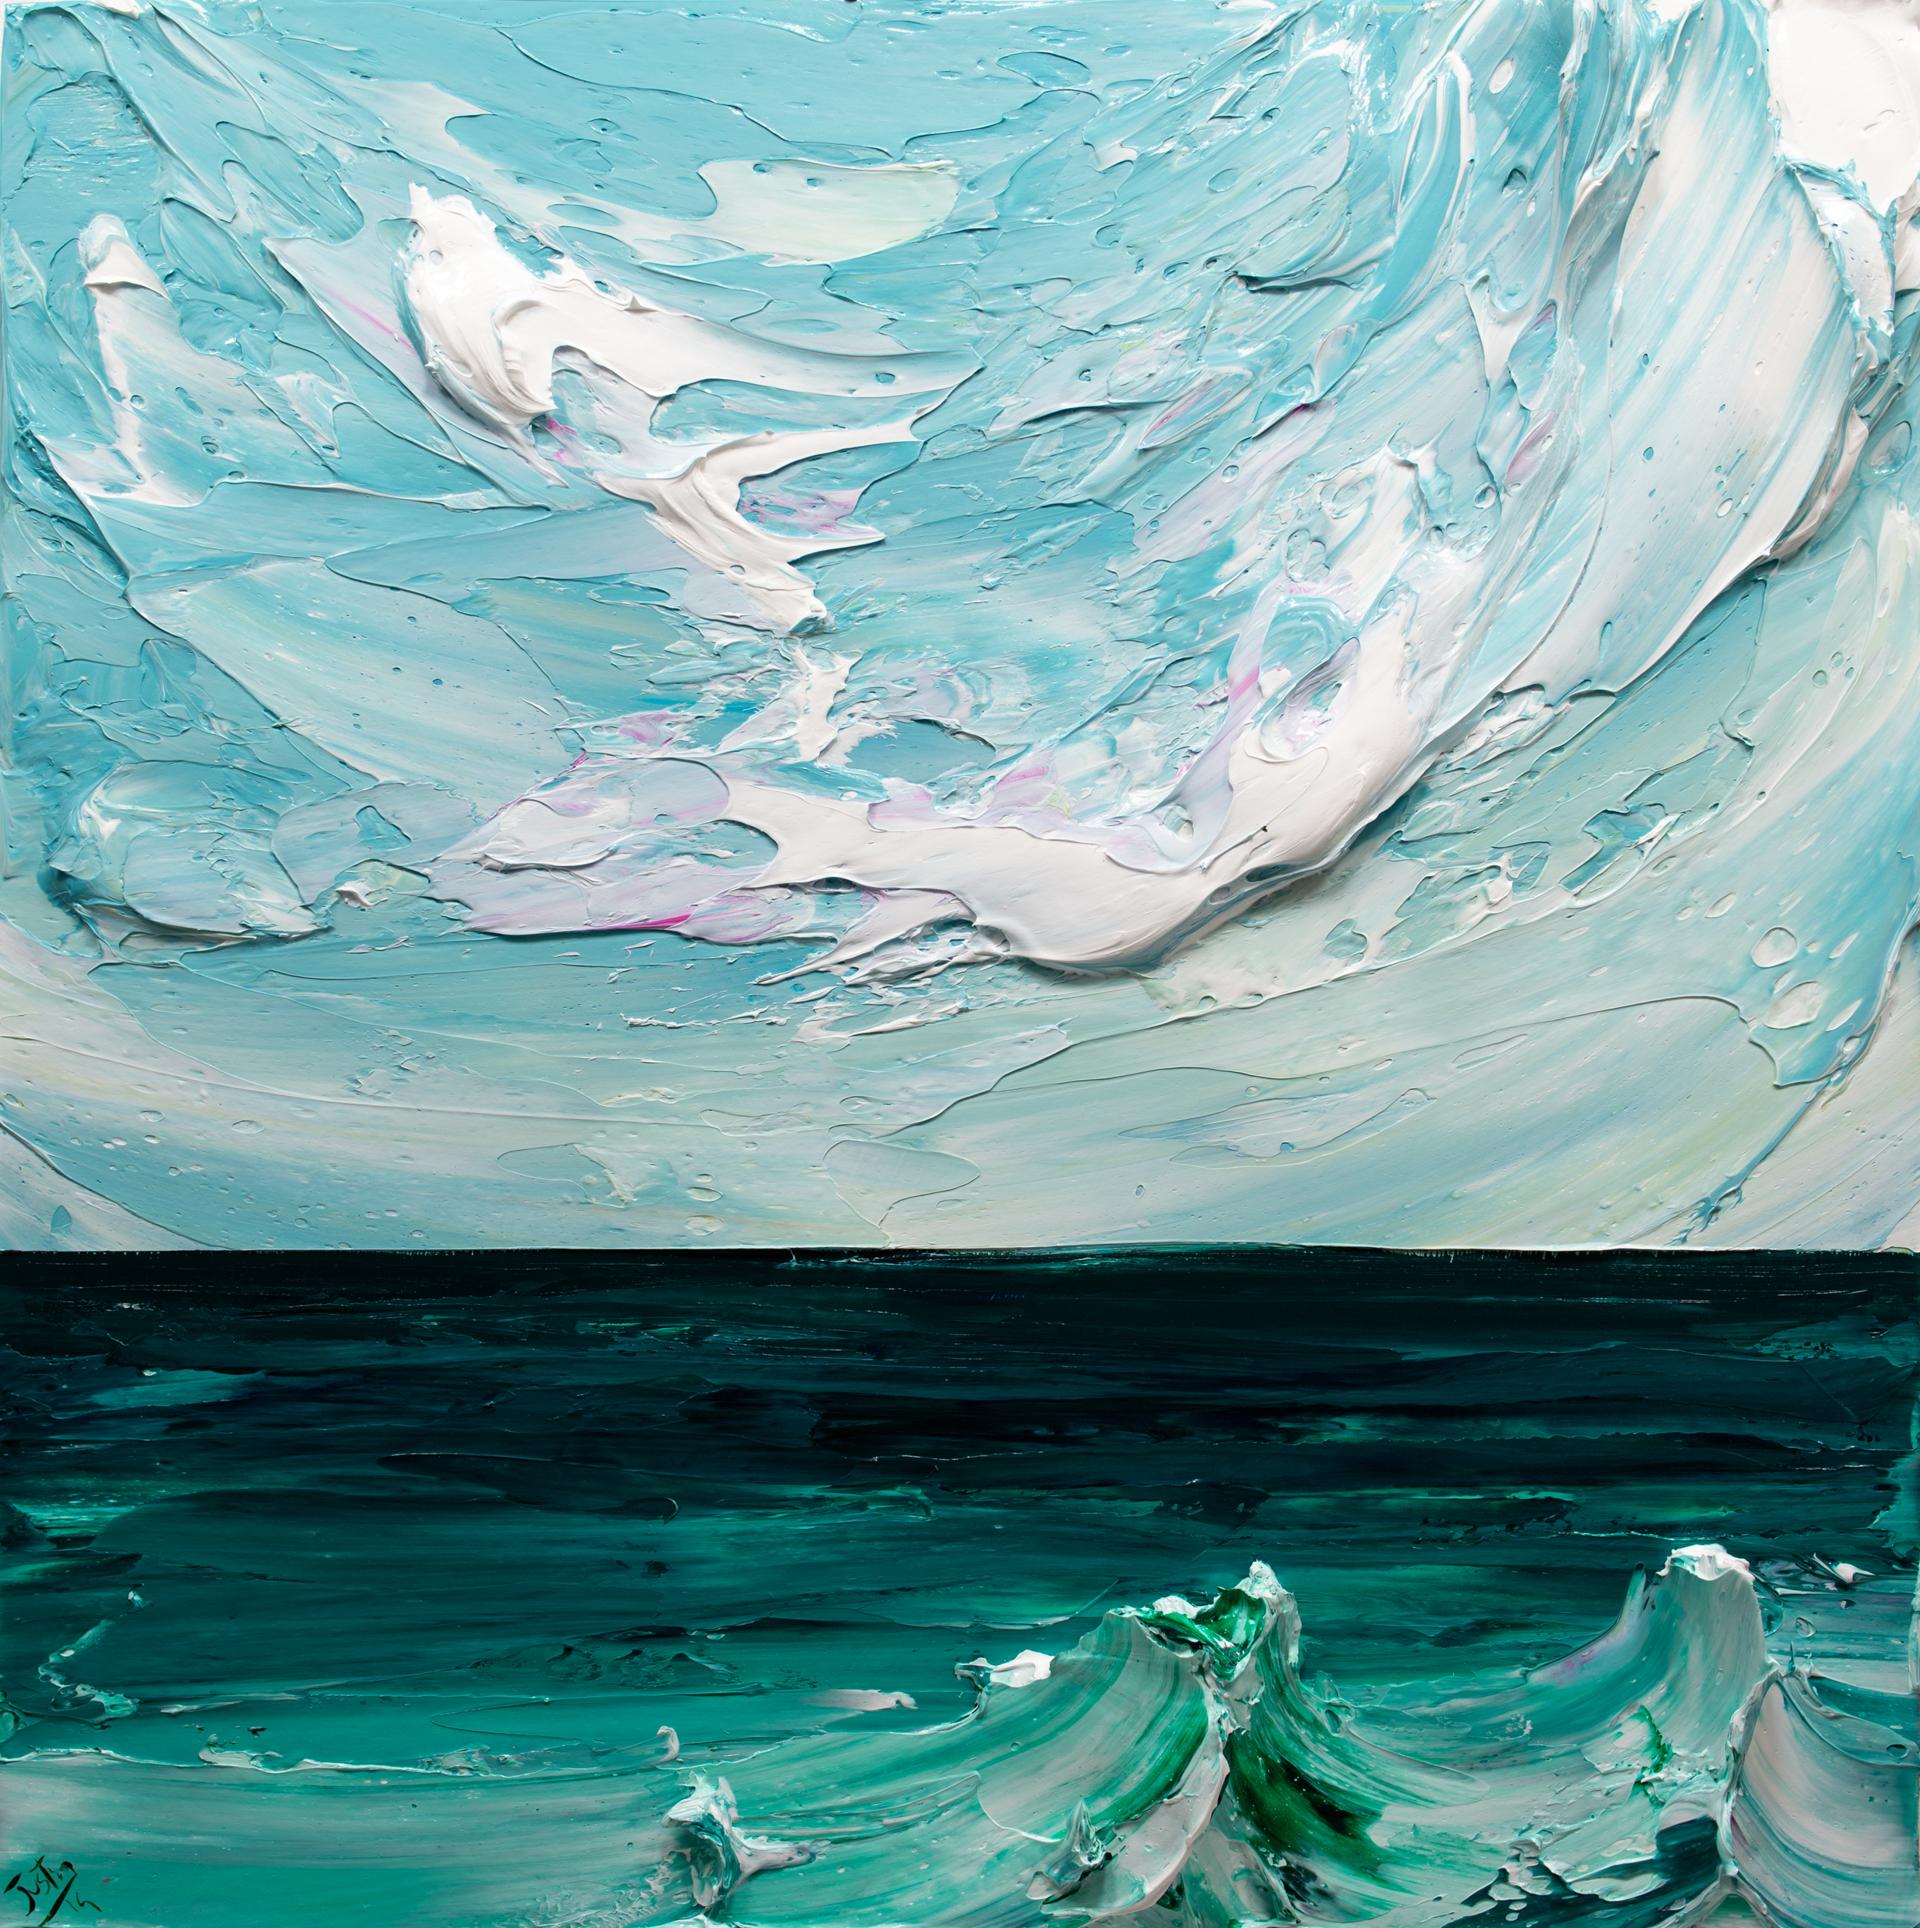 SEASCAPE-SS-30X30-2019-161 by JUSTIN GAFFREY